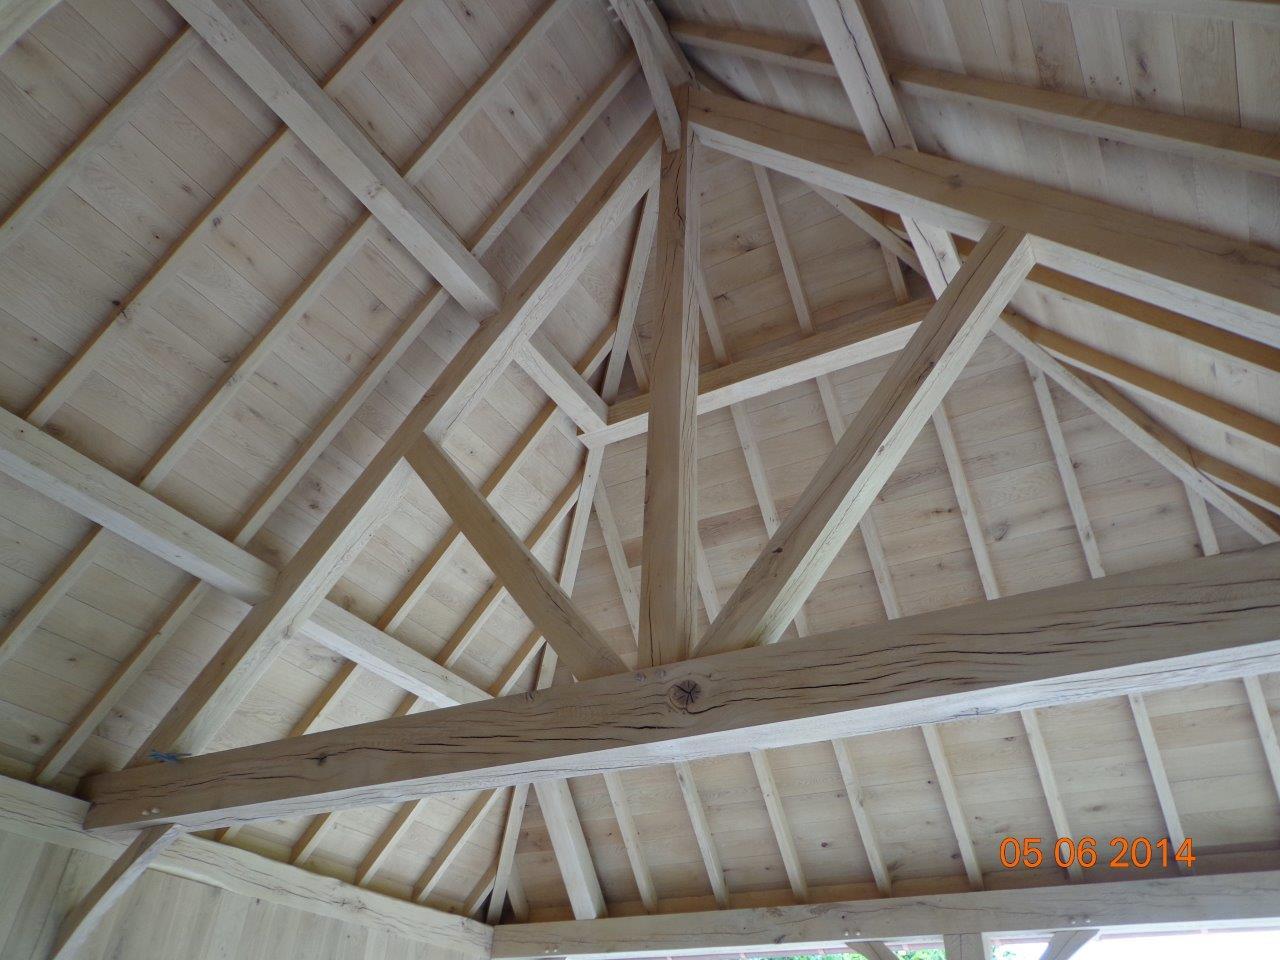 Keuken houten gebouw raum und m beldesign inspiration - Scheiding houten ...